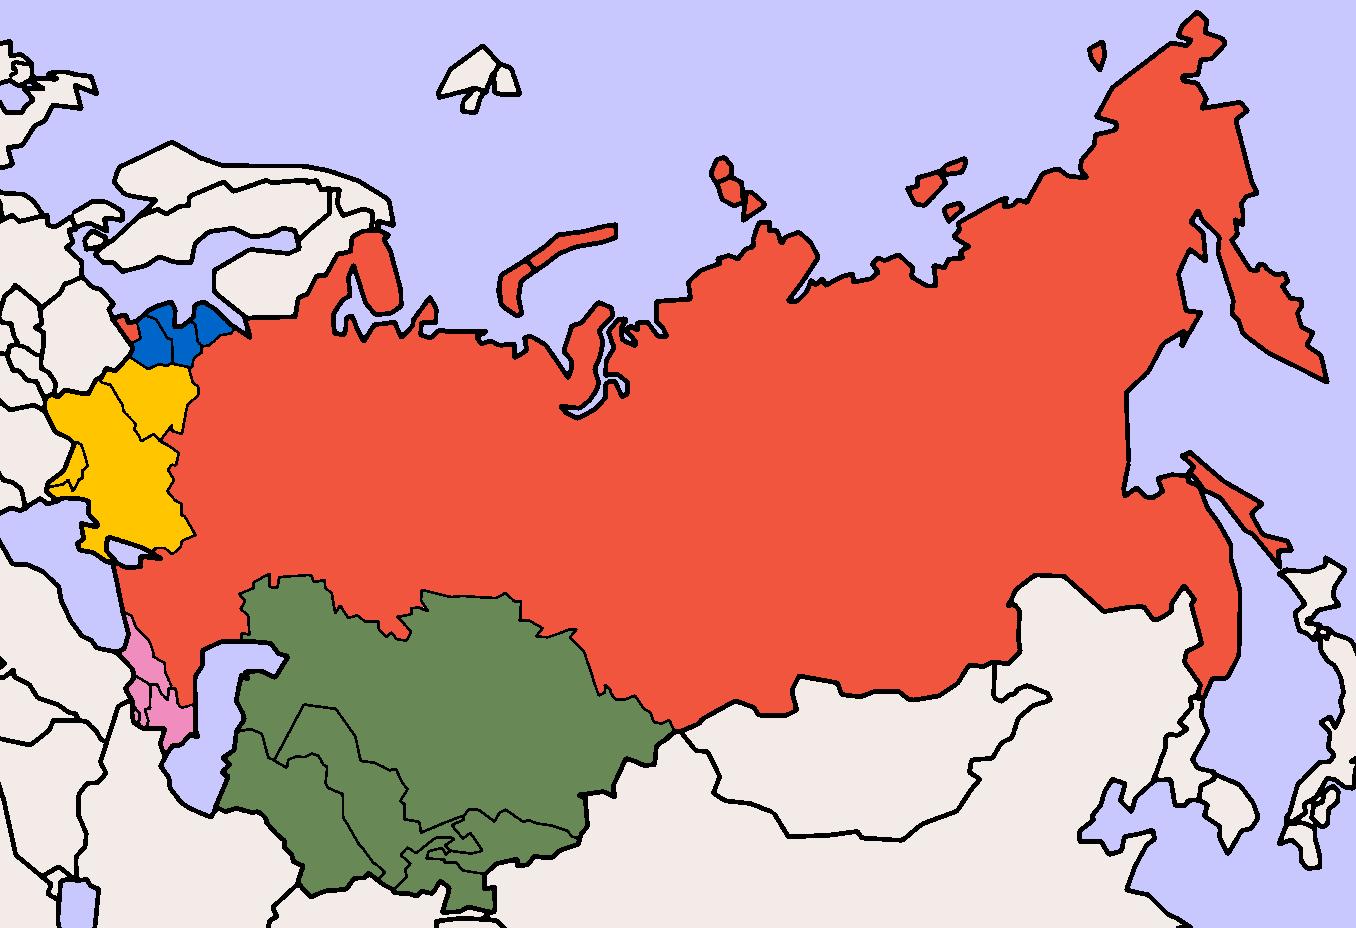 Битва за влияние на постсоветском пространстве продолжается